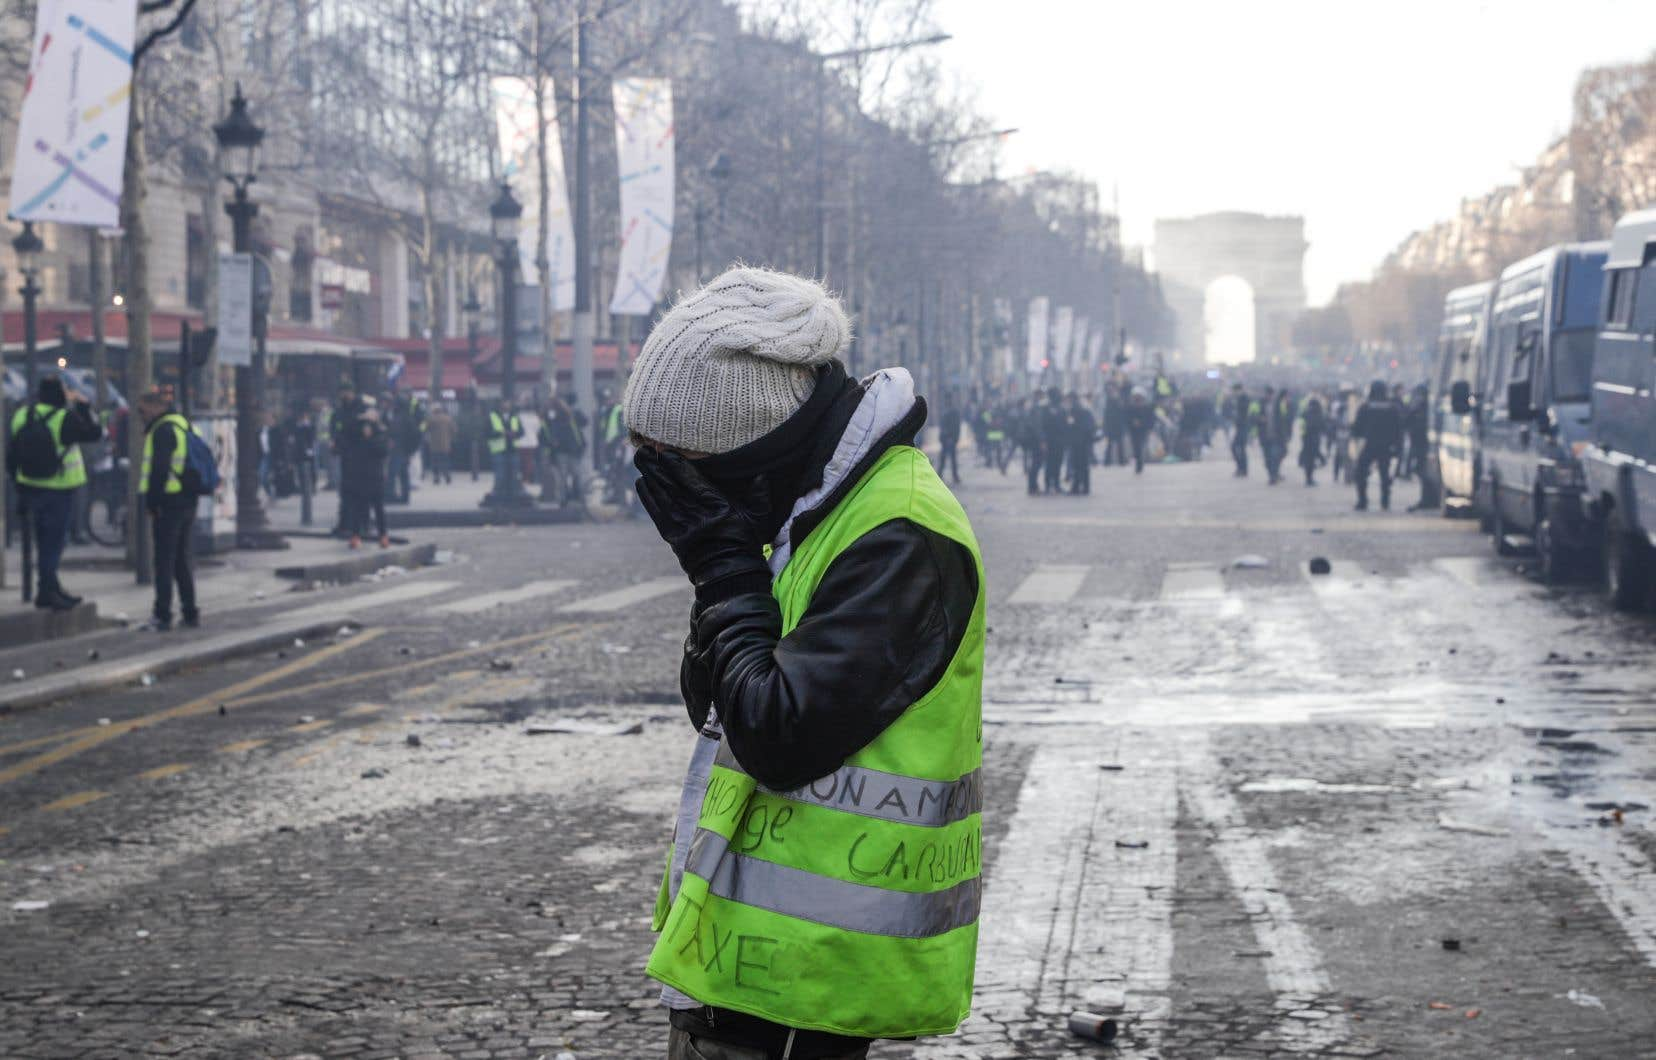 Comment nos sociétés en sont-elles venues à considérer une violence légitime, celle des policiers, et une violence répressible, celle des manifestants?